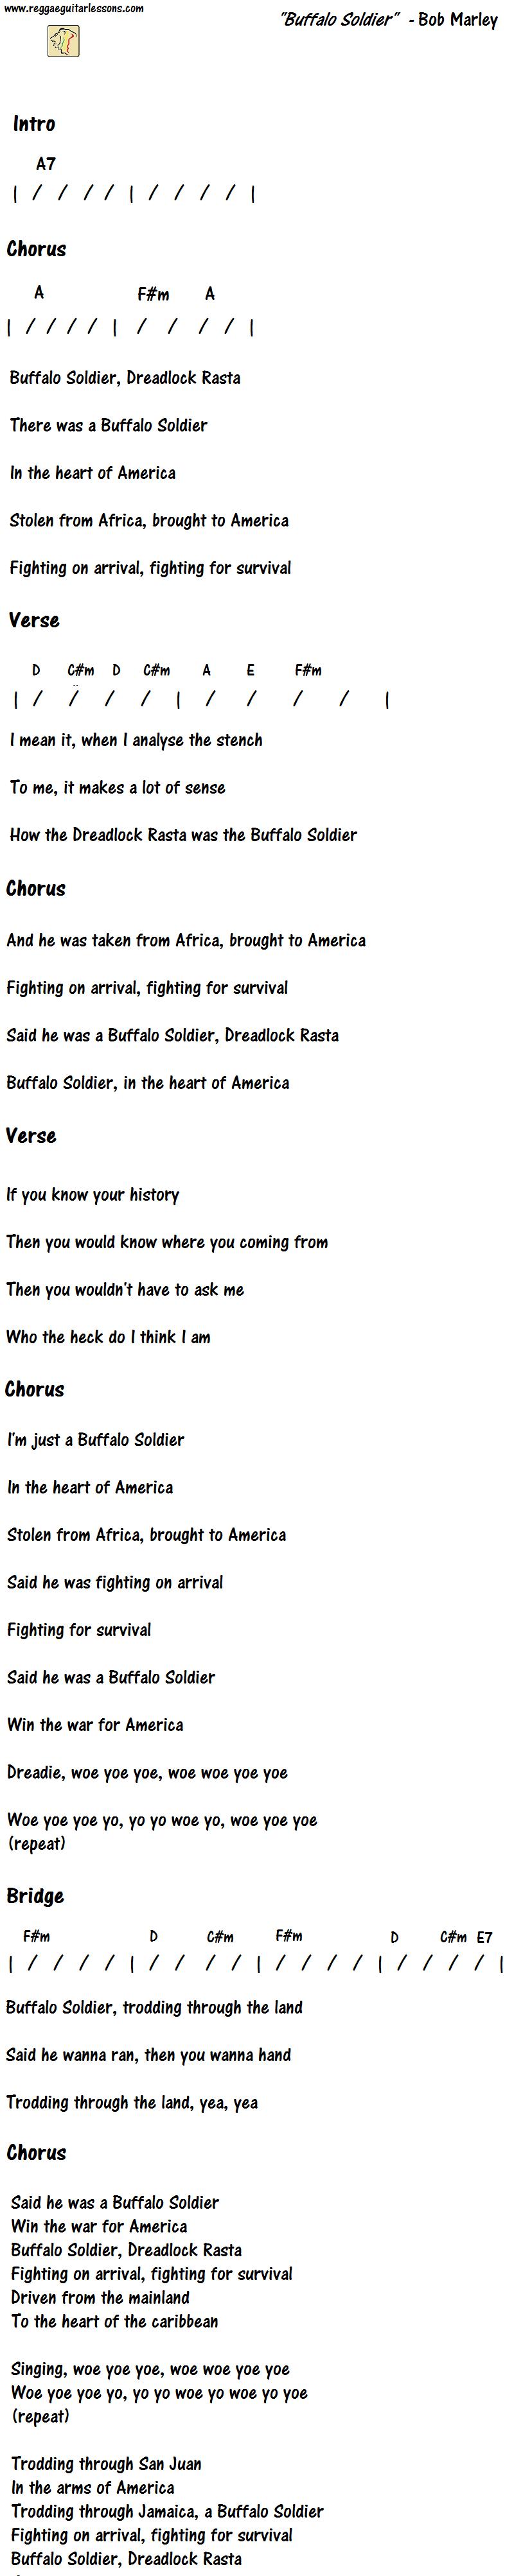 Buffalo soldier chords bob marley guitar chord charts buffalo soldier chords bob marley hexwebz Gallery